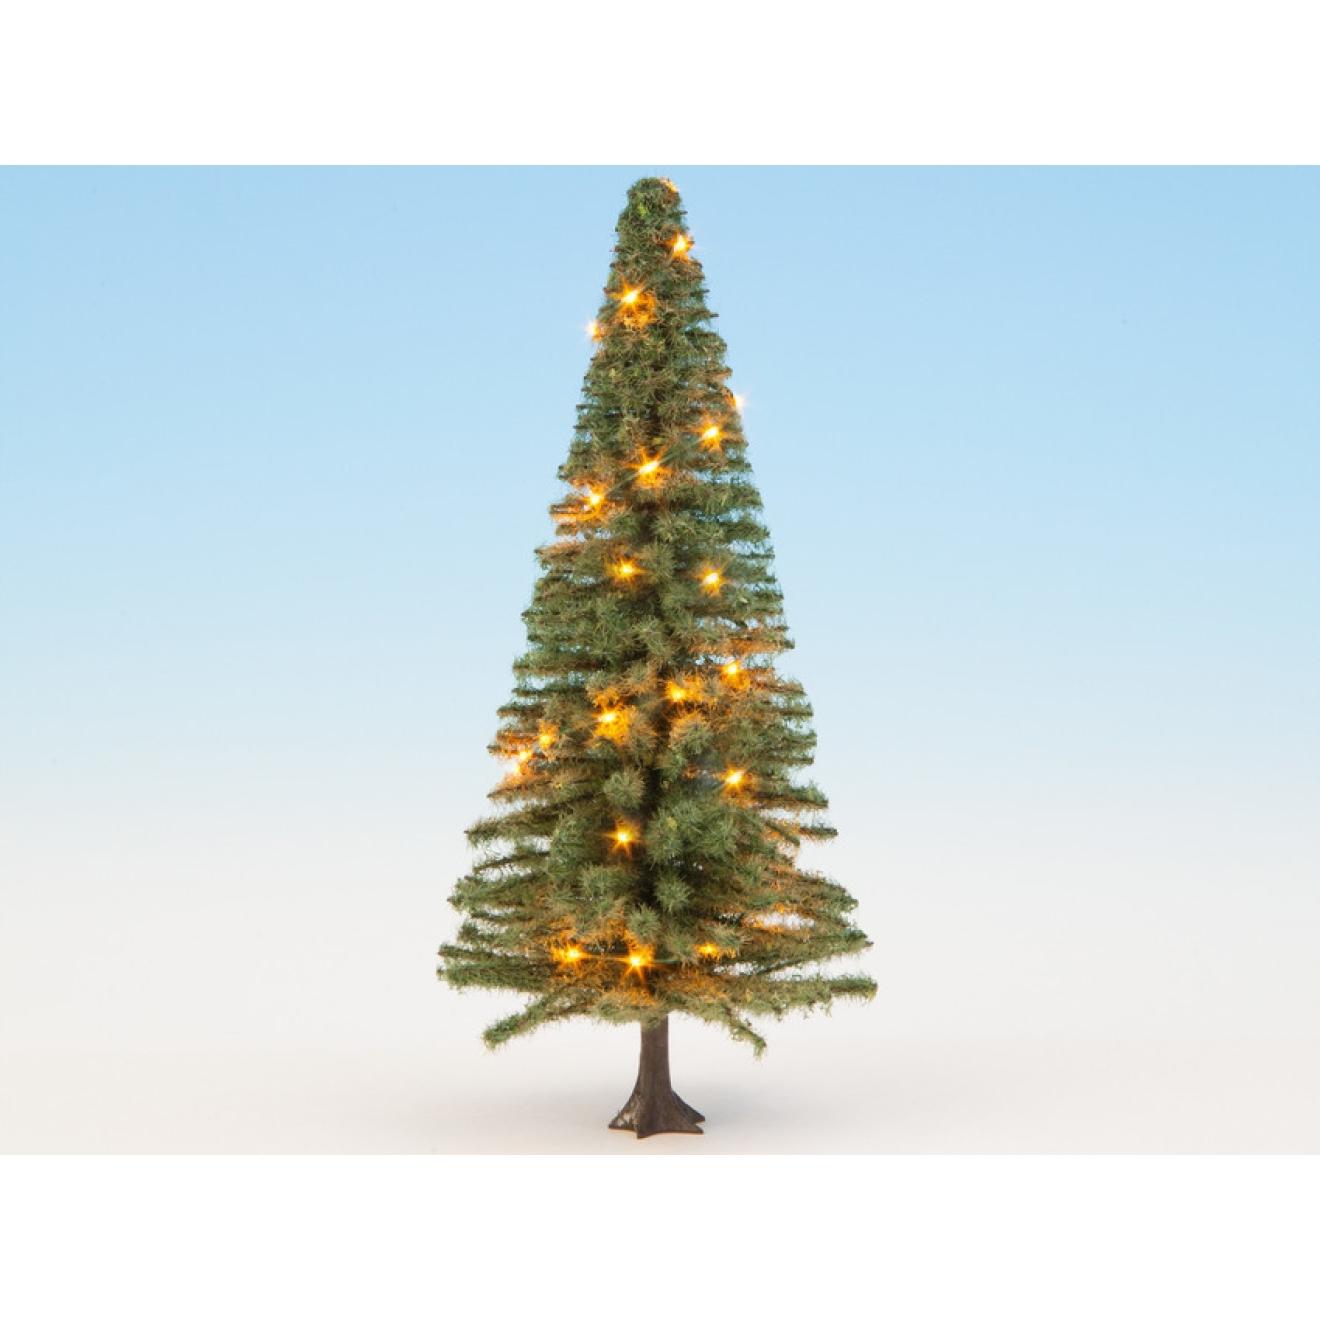 Beleuchteter Weihnachtsbaum, Modellbau Fischer günstige ...